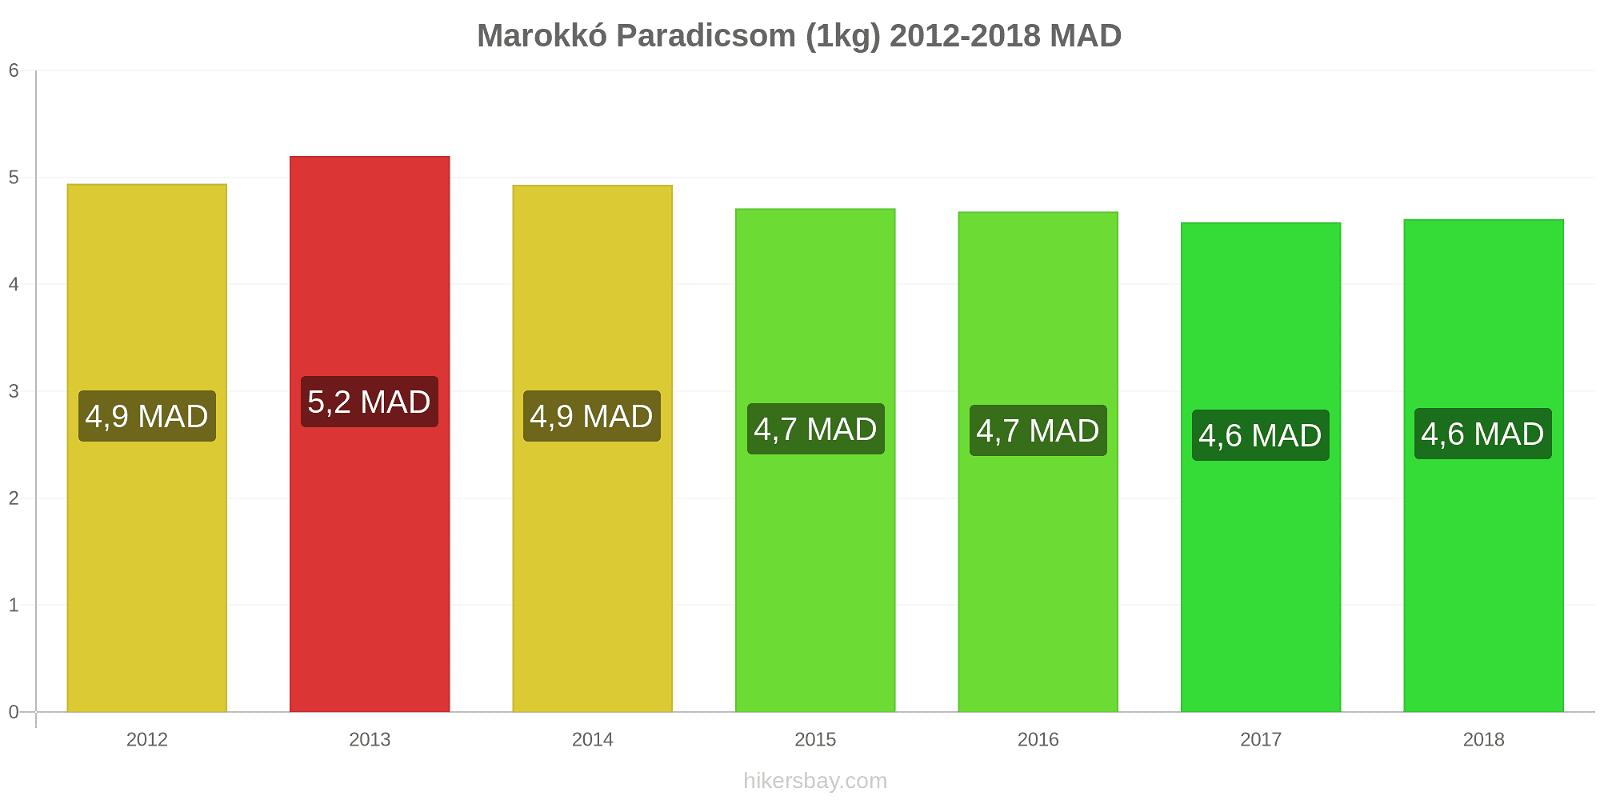 Marokkó árváltozások Paradicsom (1kg) hikersbay.com